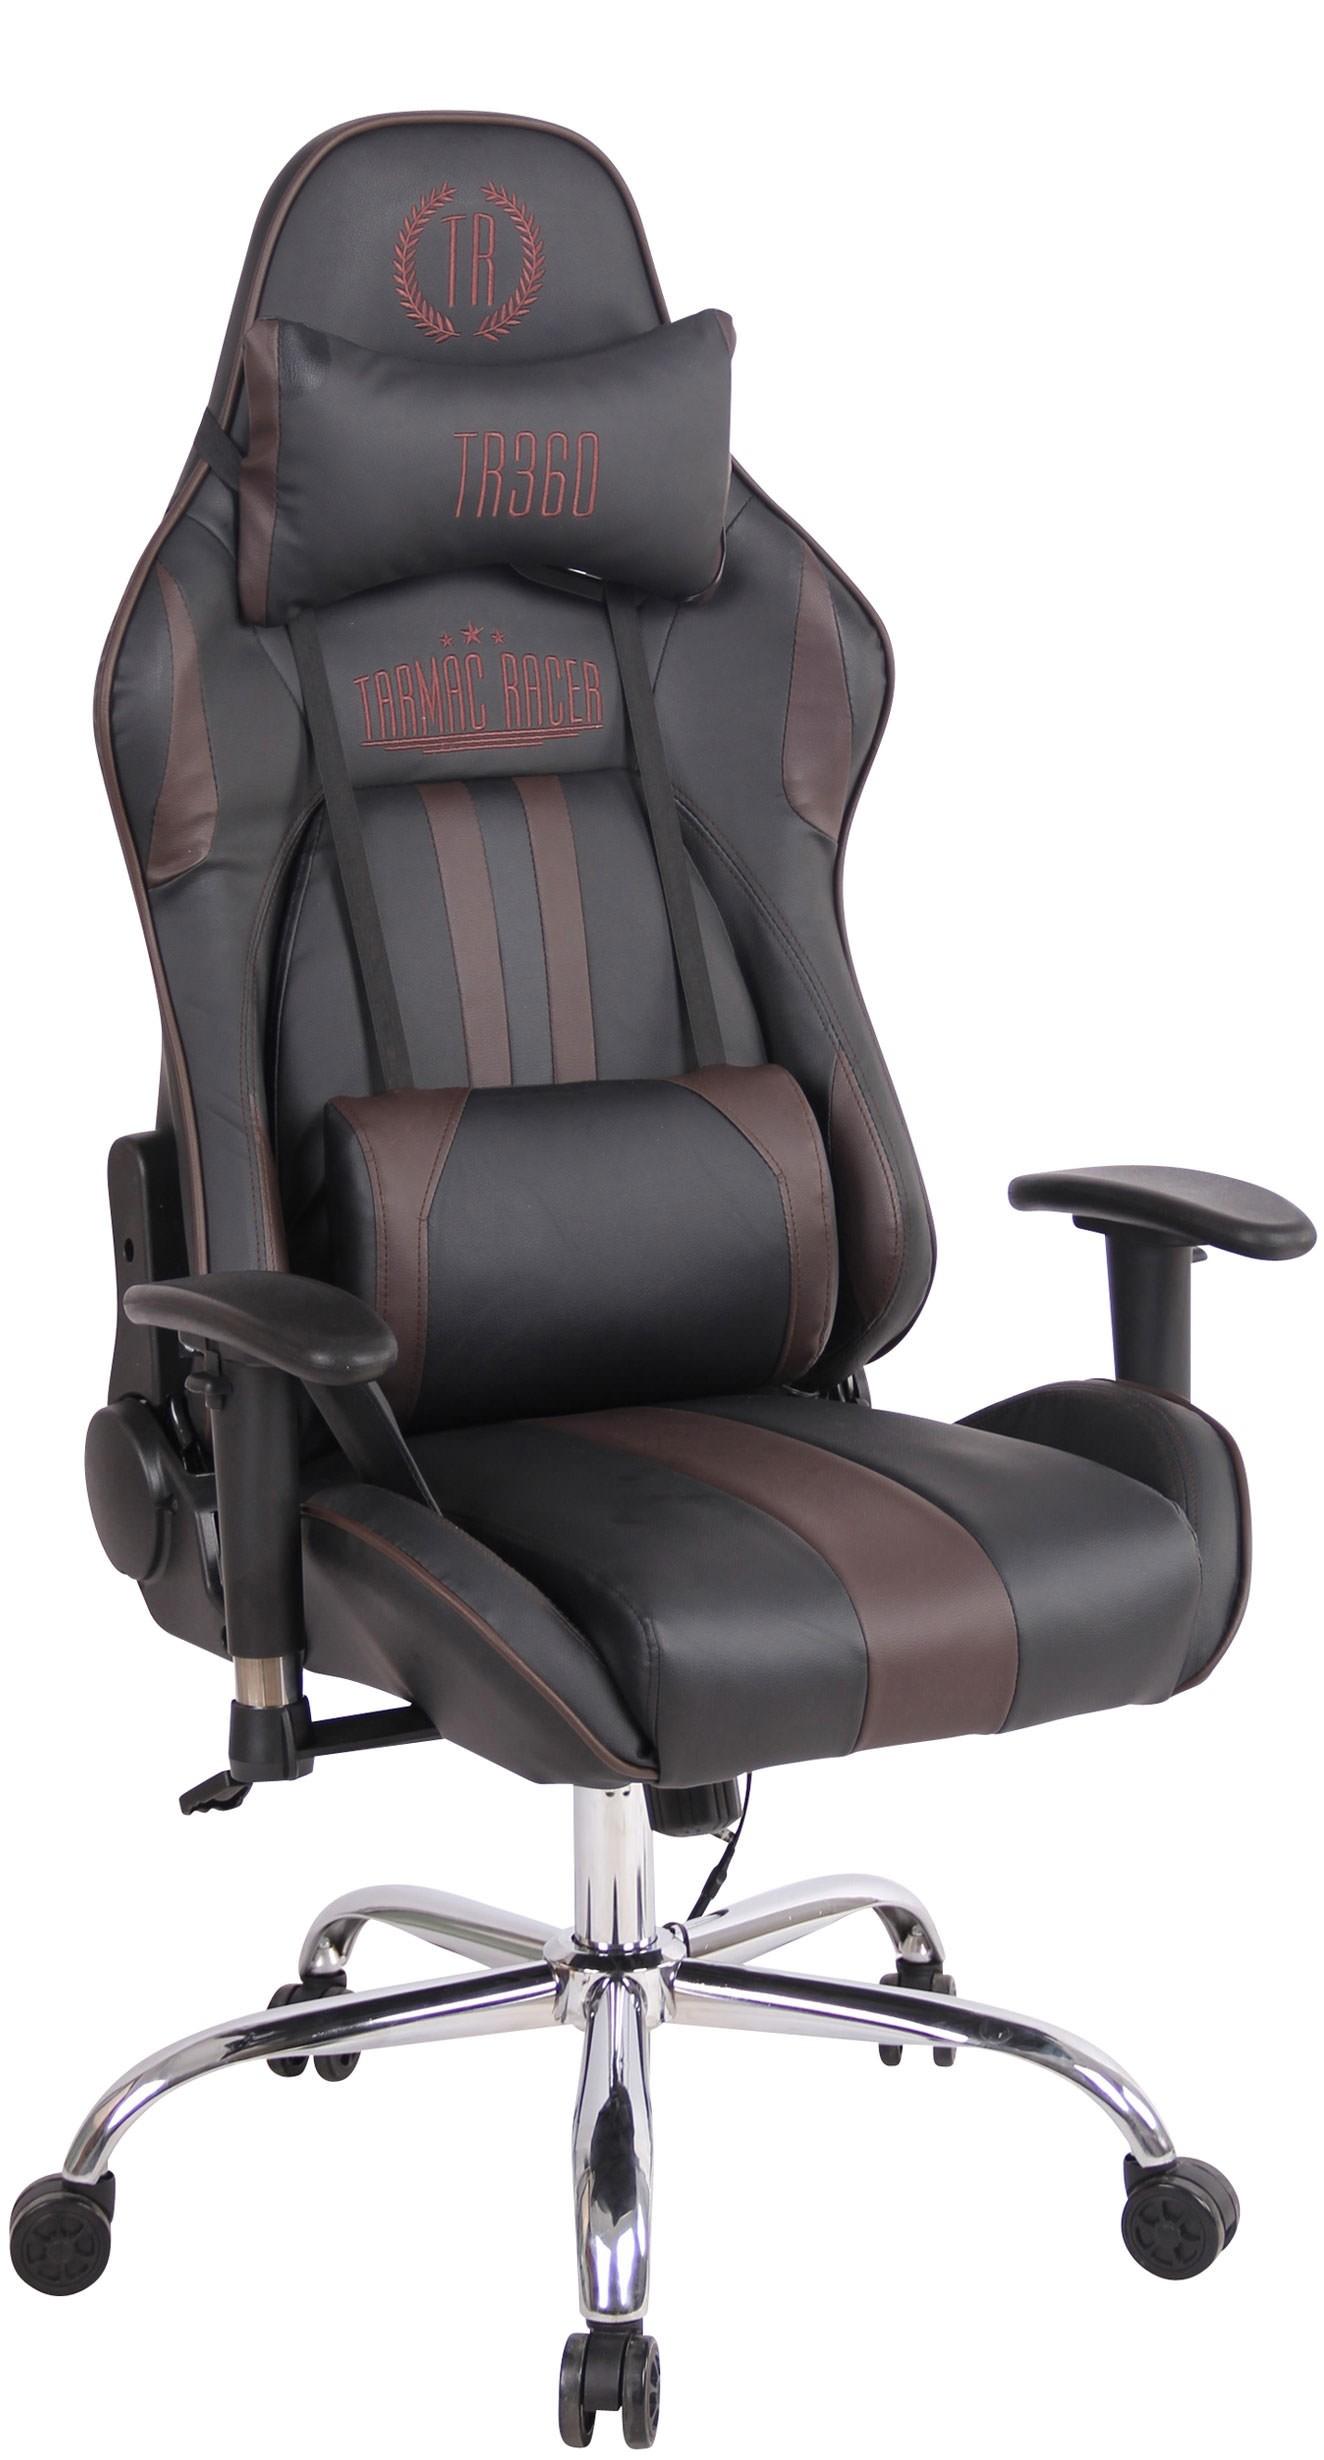 Chaise de bureau Limit XM en similicuir